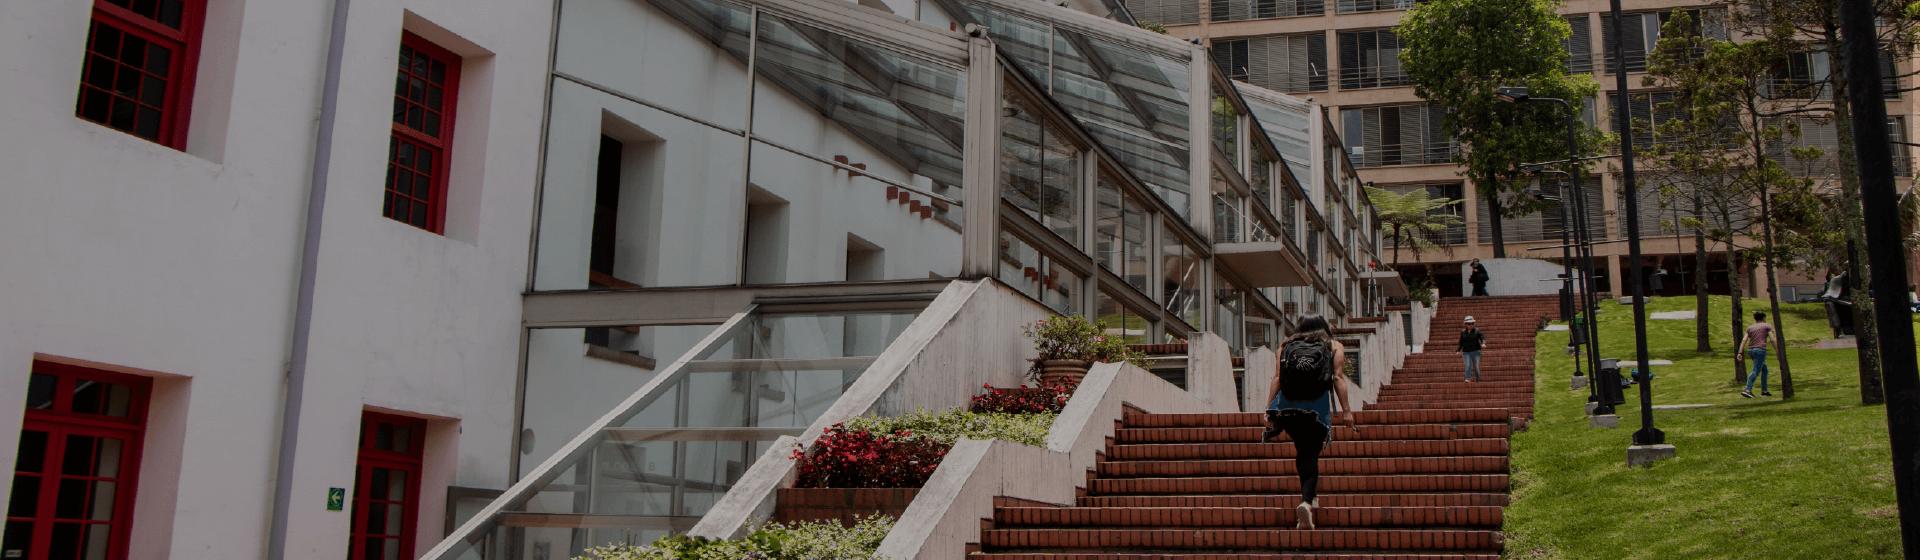 Pregrado y posgrados de la Facultad de Derecho. Se visualizan dos edificios de la Universidad y parte de El Bobo. Estudiante subiendo por unas escaleras.